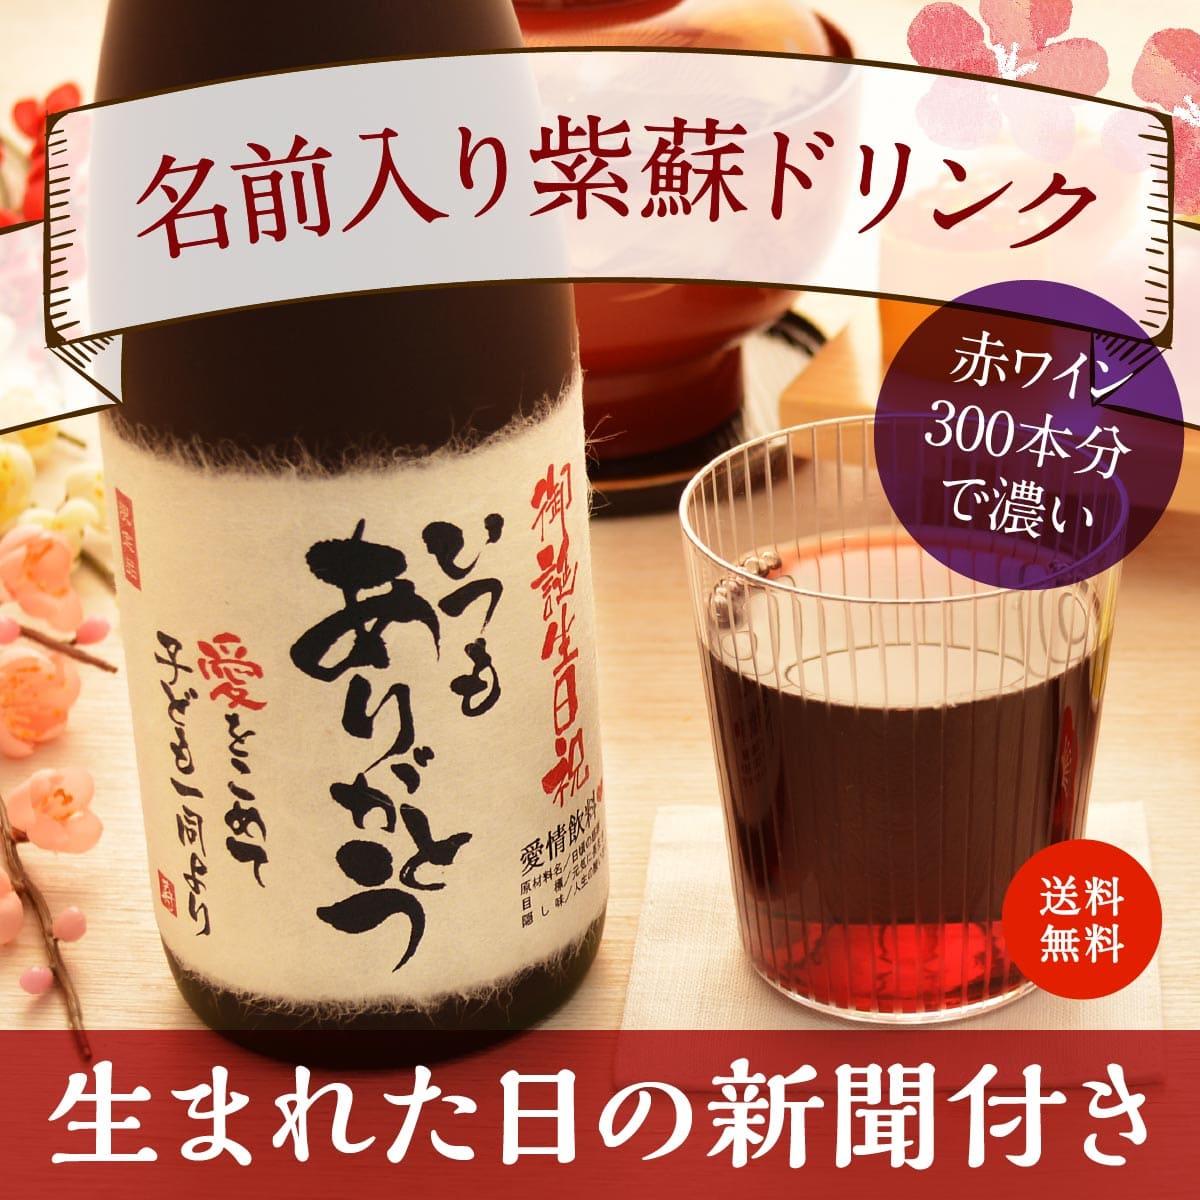 米寿祝い|赤ワイン300本分のポリフェノール入り「紫蘇レスベラ」720ml(ジュース)